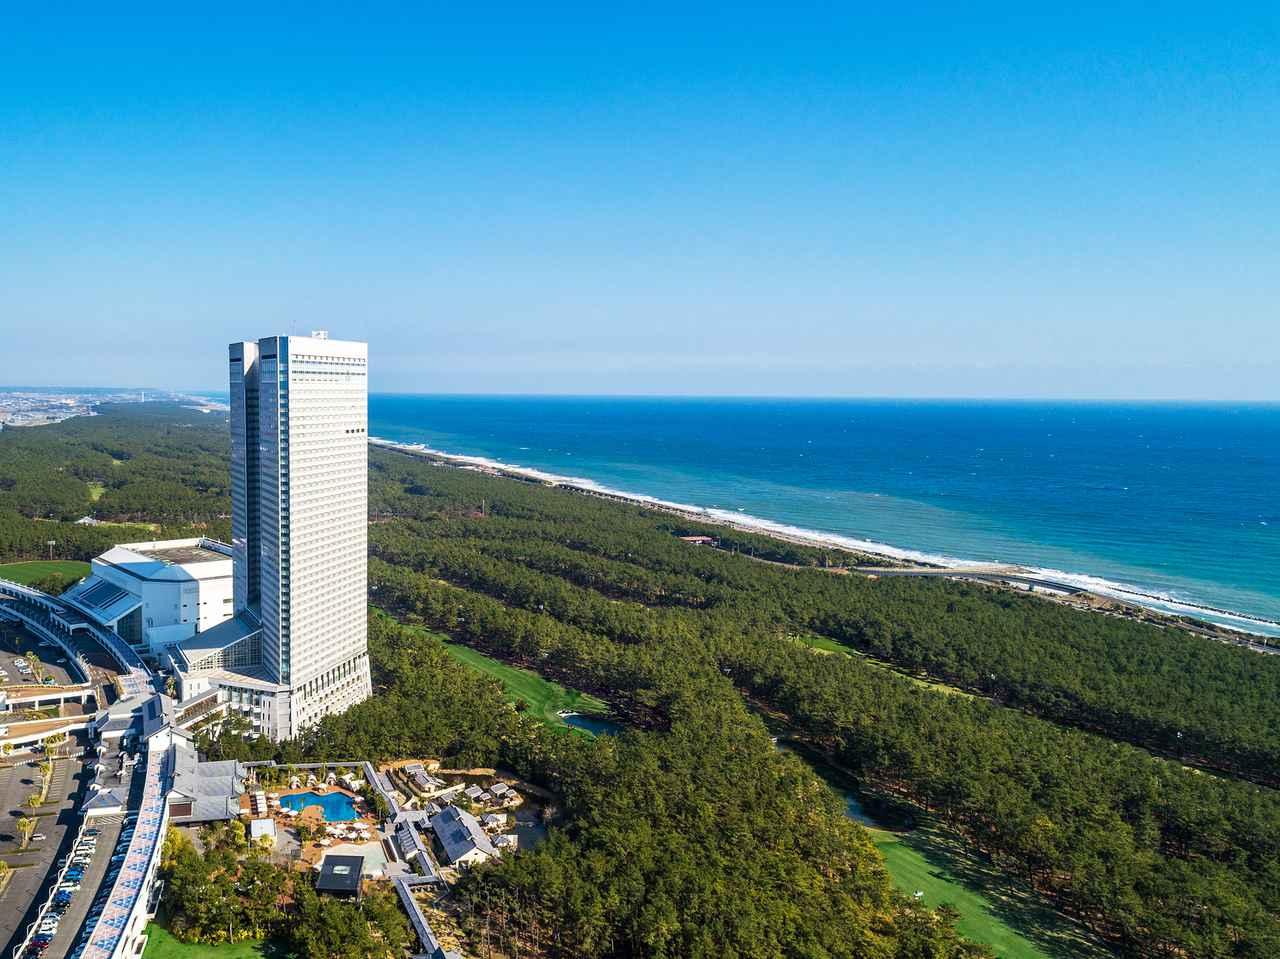 画像1: 【ホテル】ラグジュアリーなリゾートワーケーションを|シェラトン・グランデ・オーシャンリゾート